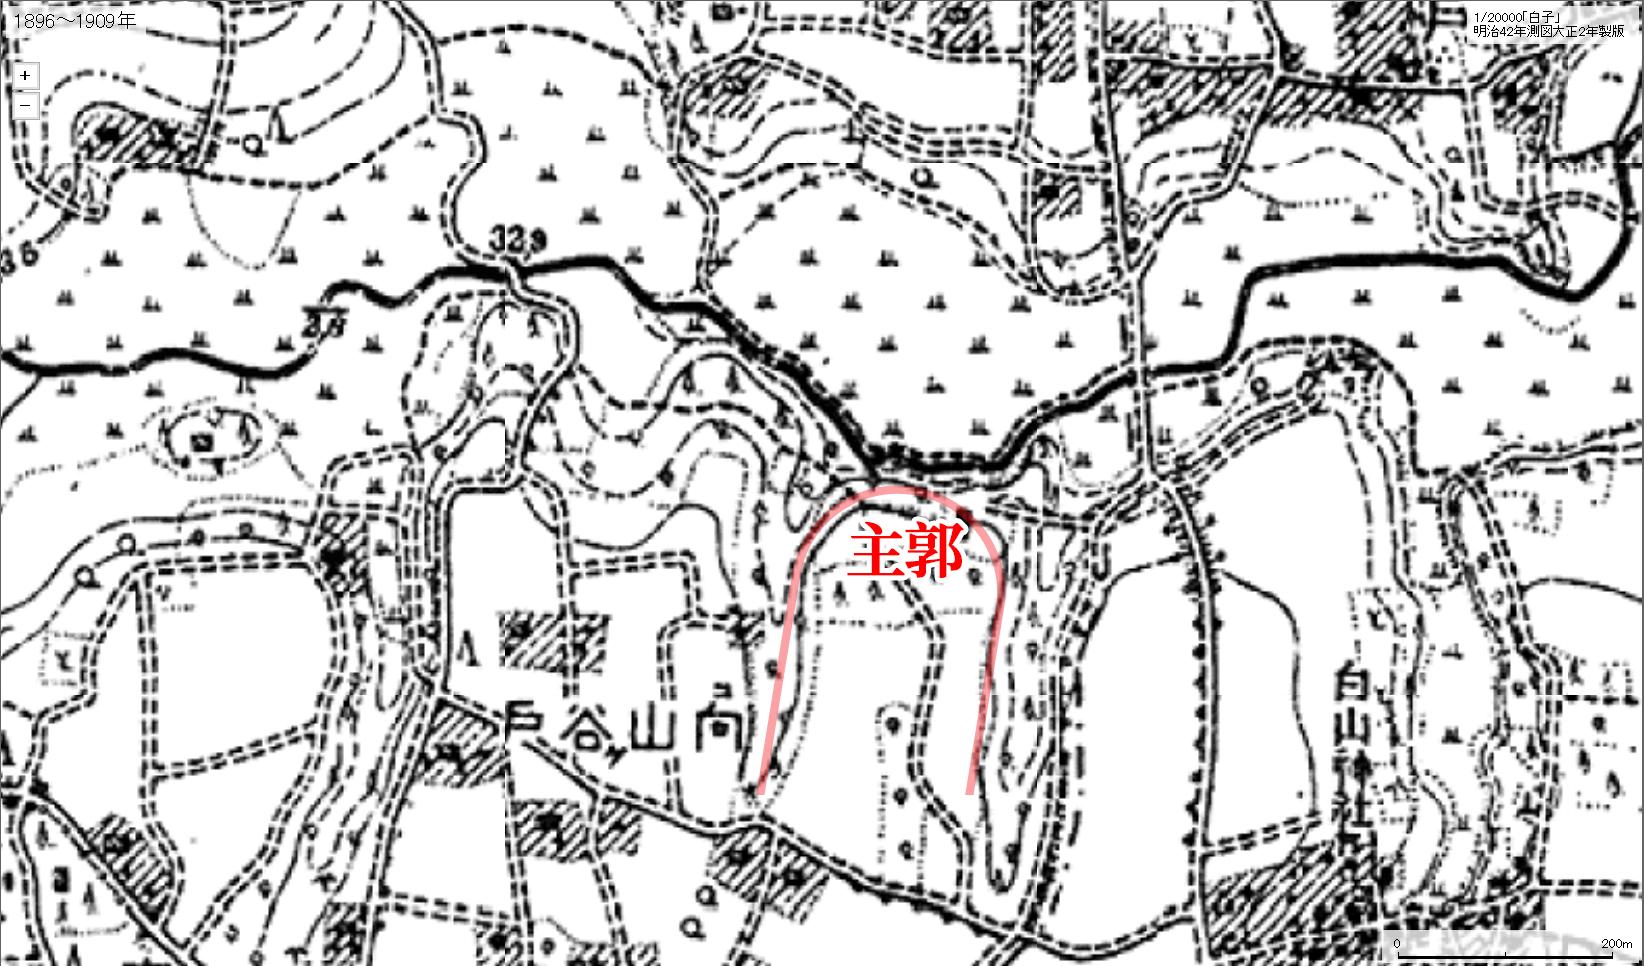 1896-1909練馬城址